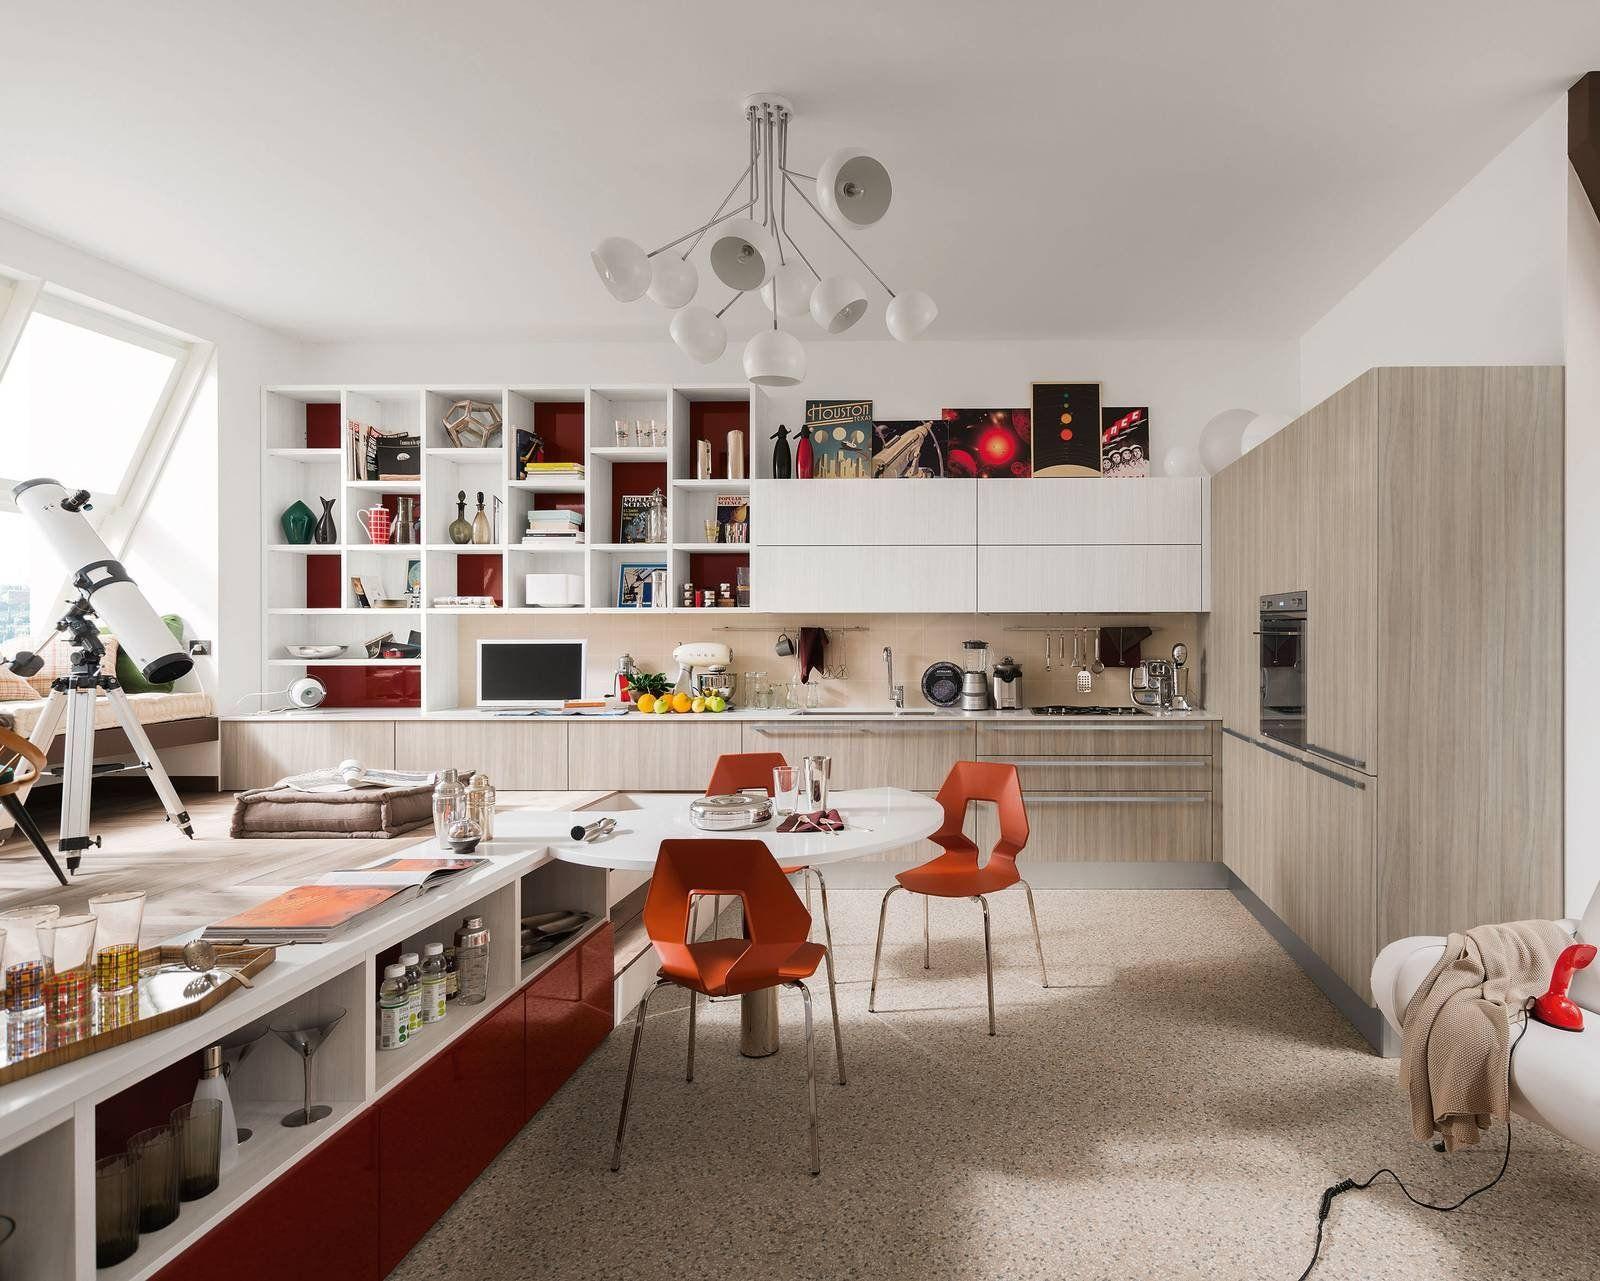 Cucina: vani a giorno per dare movimento alla composizione | Cucine ...